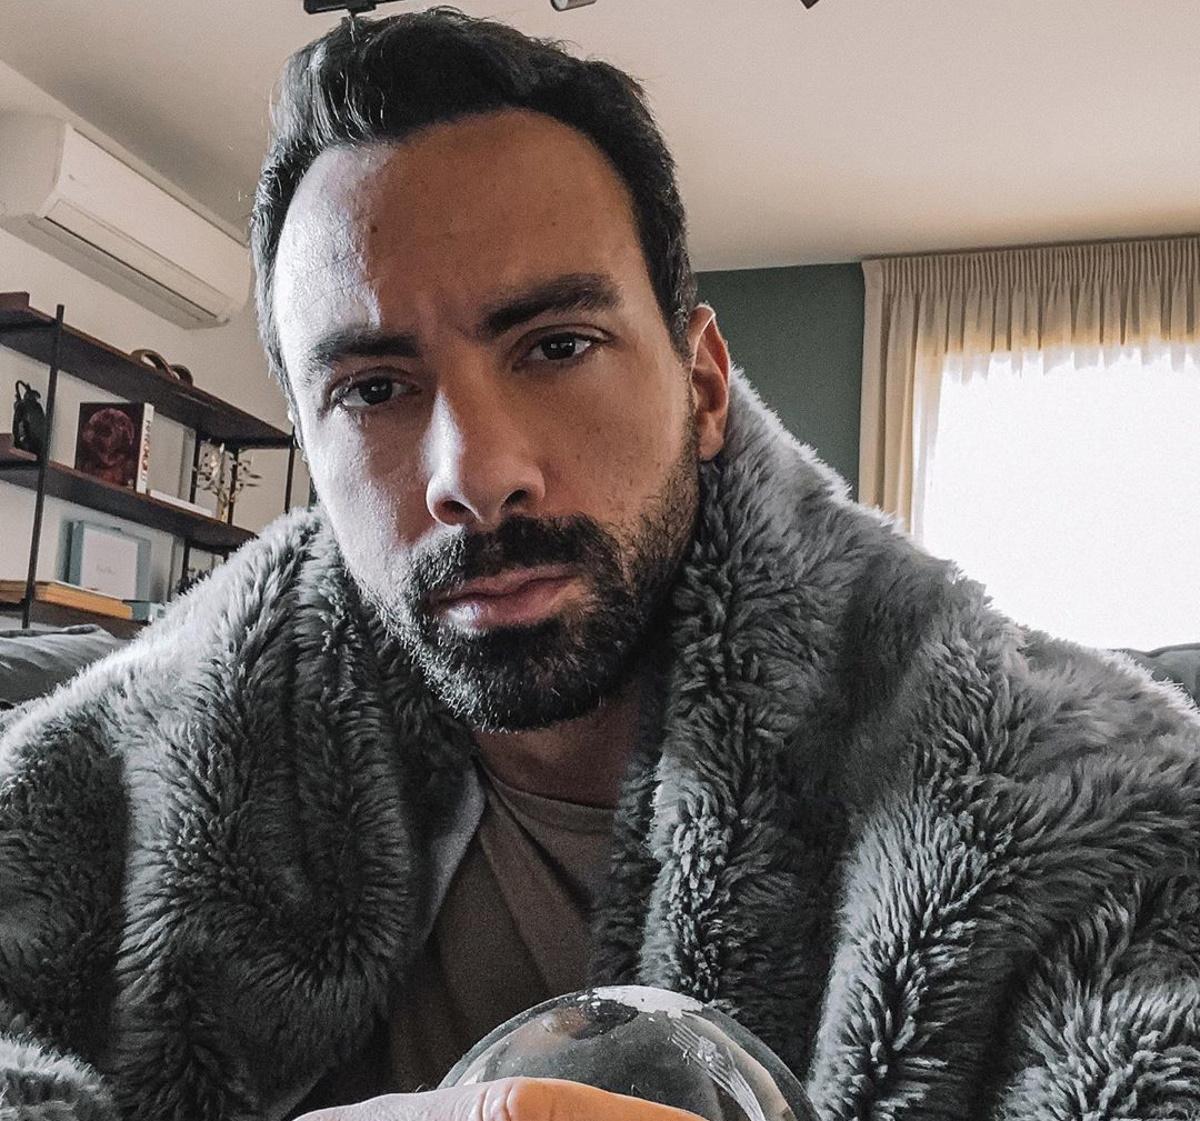 Σάκης Τανιμανίδης: Τα προβλήματα που αντιμετωπίζει… στην καραντίνα! [pics]